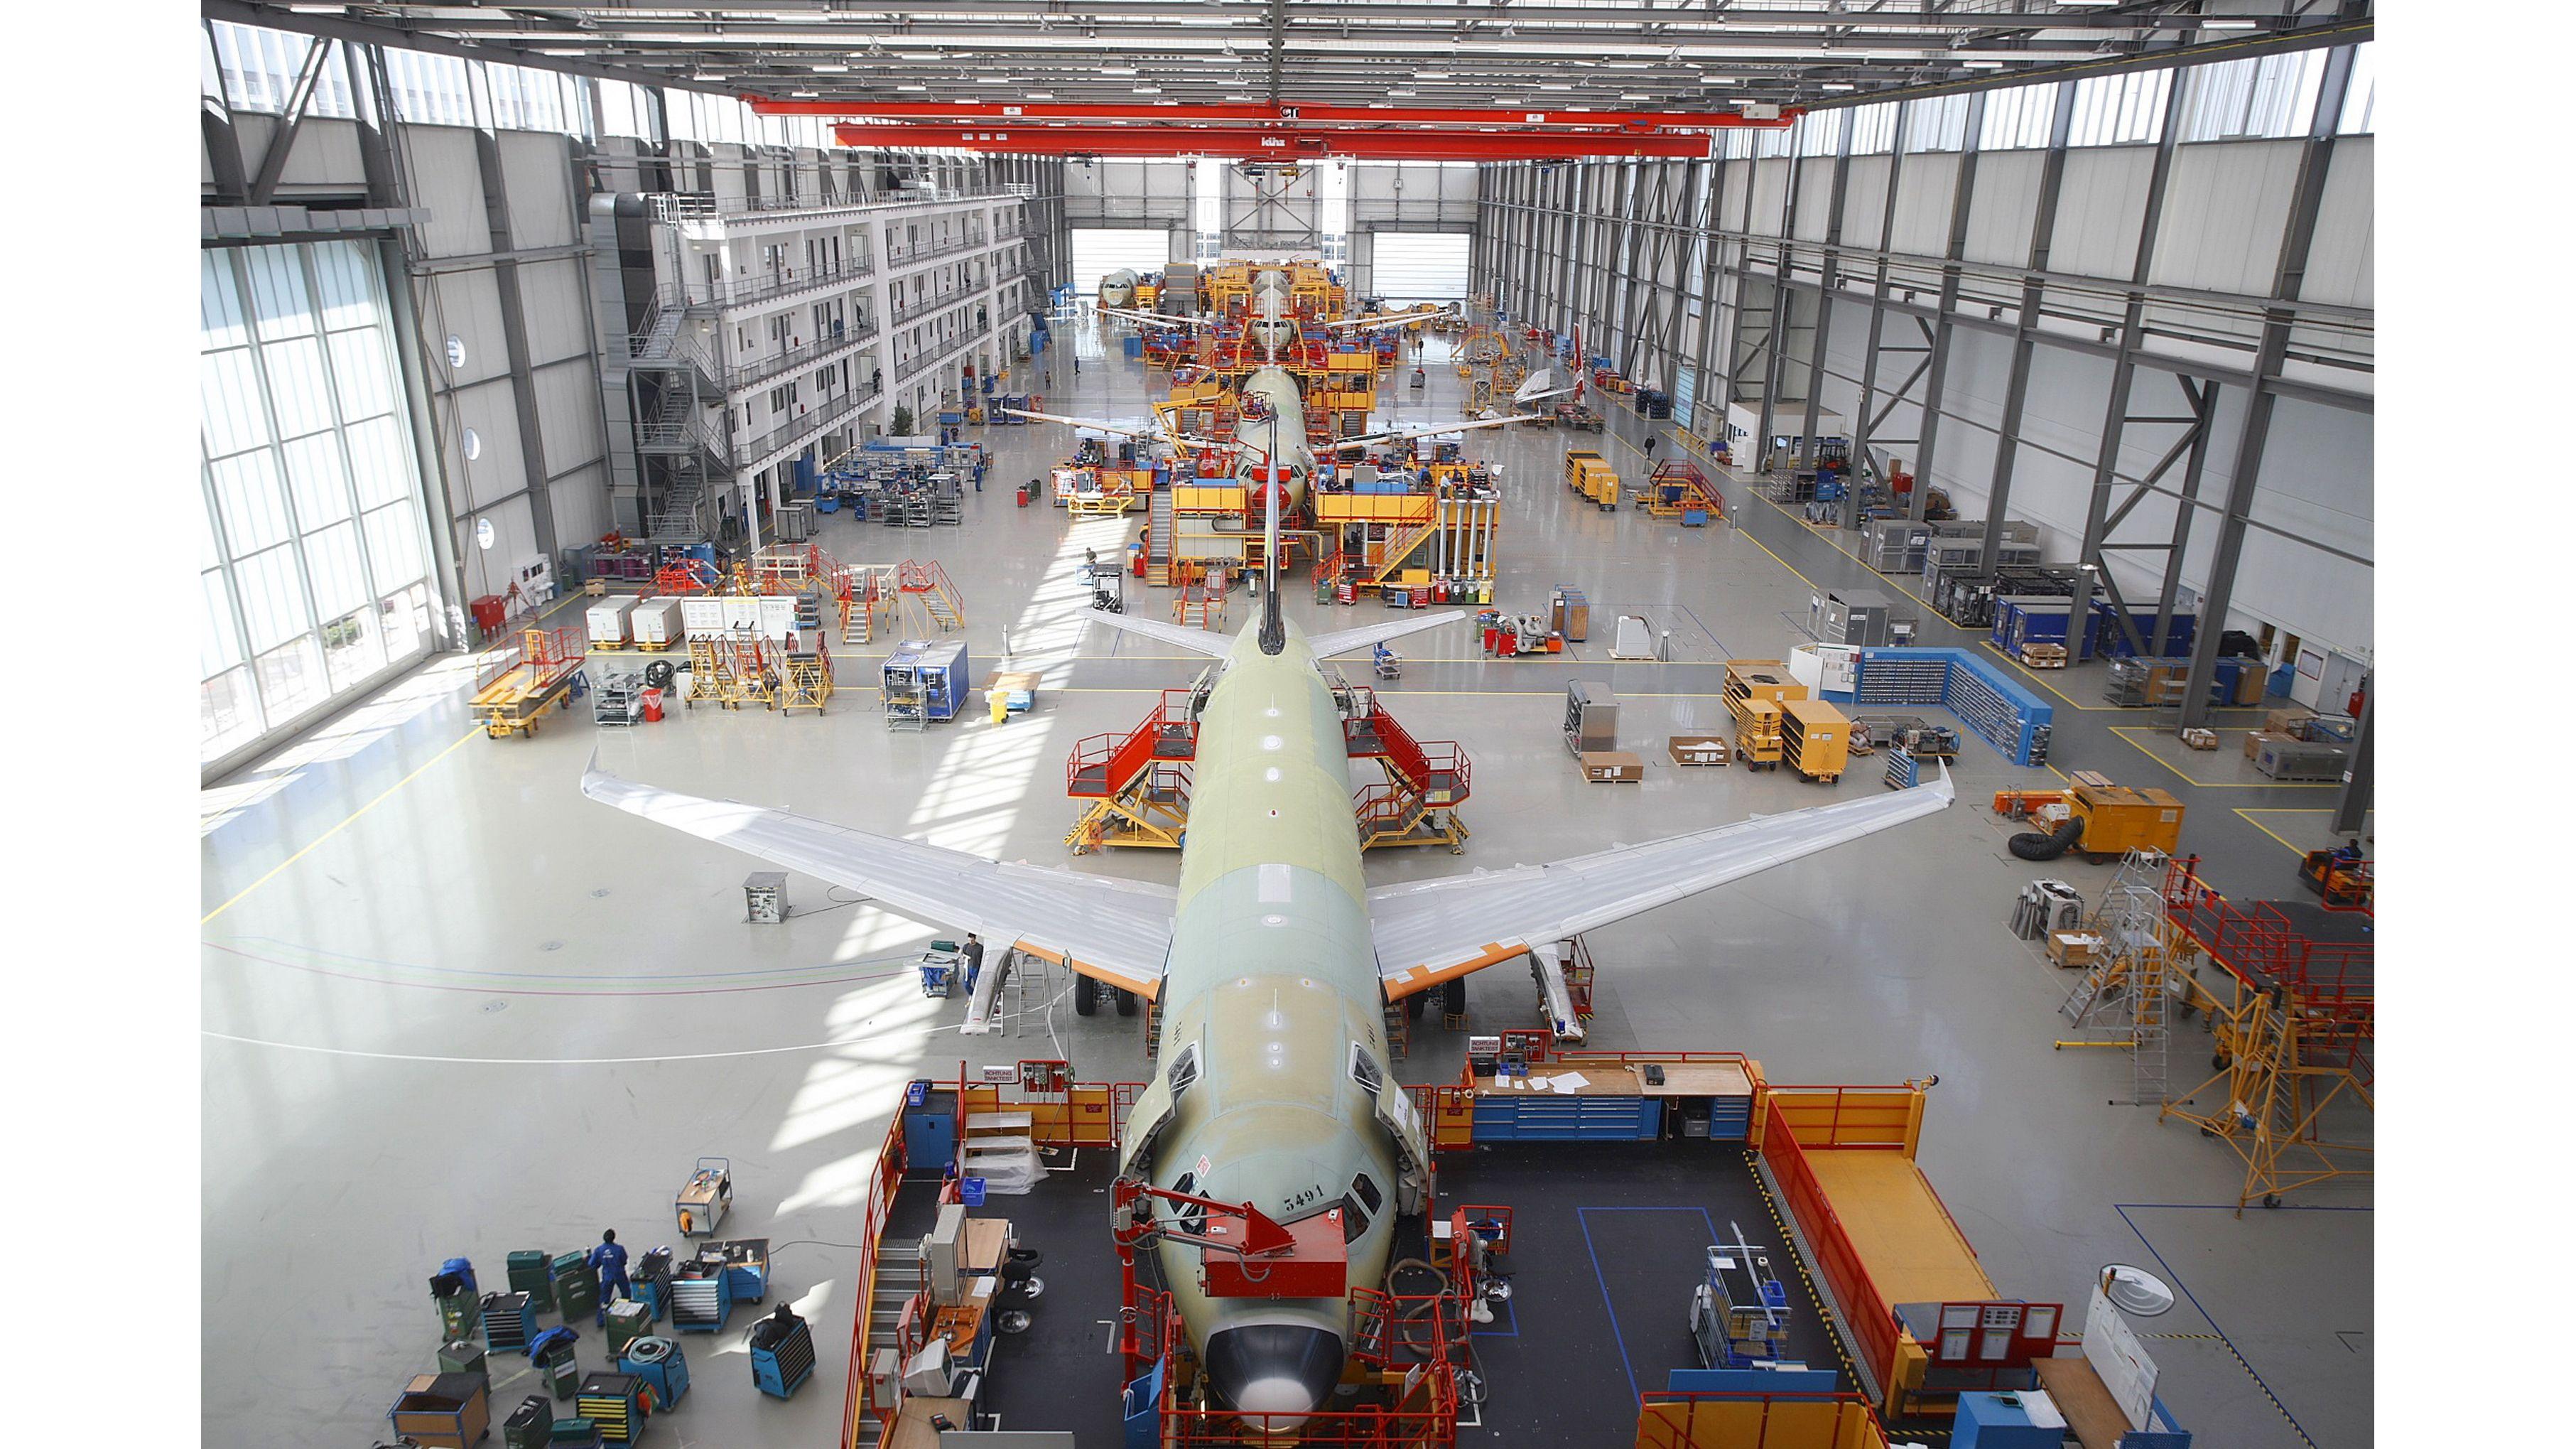 Resultado de imagen para Airbus assembly line